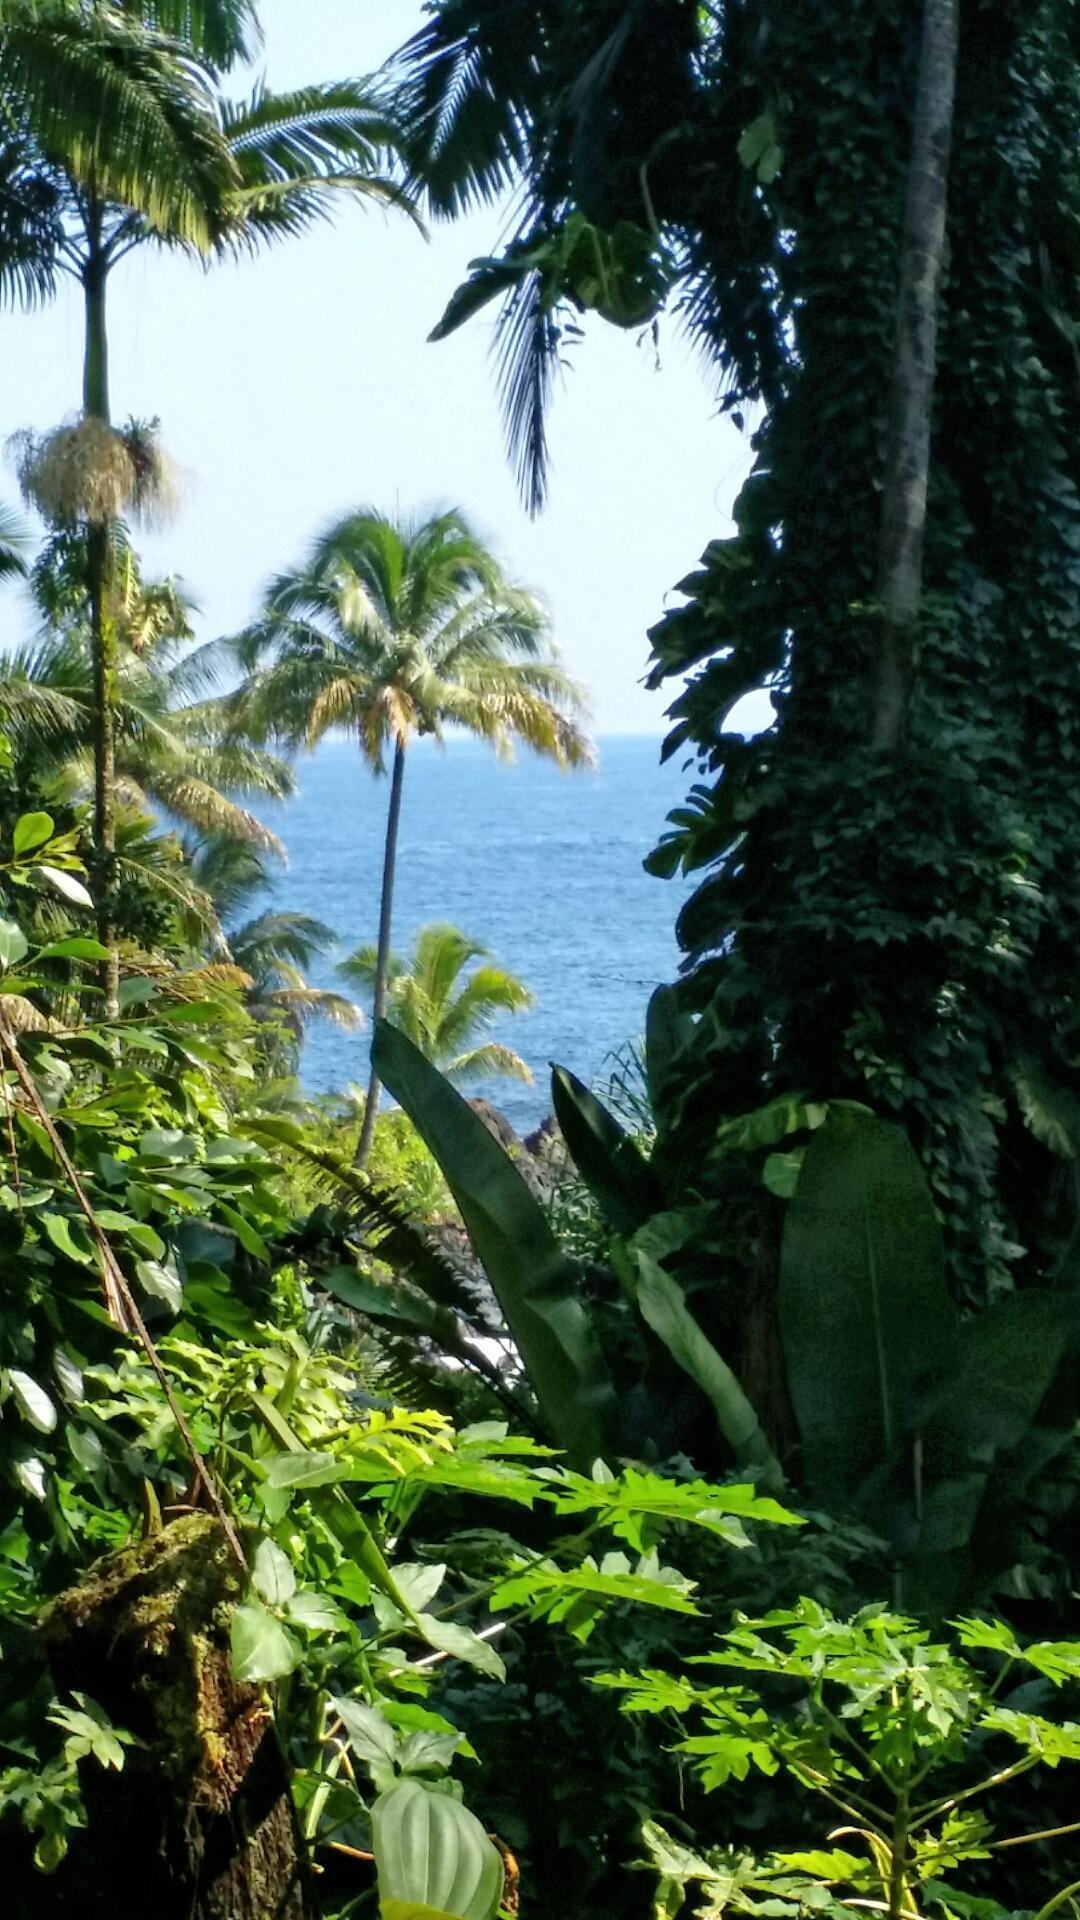 botanical gardens view, Hilo